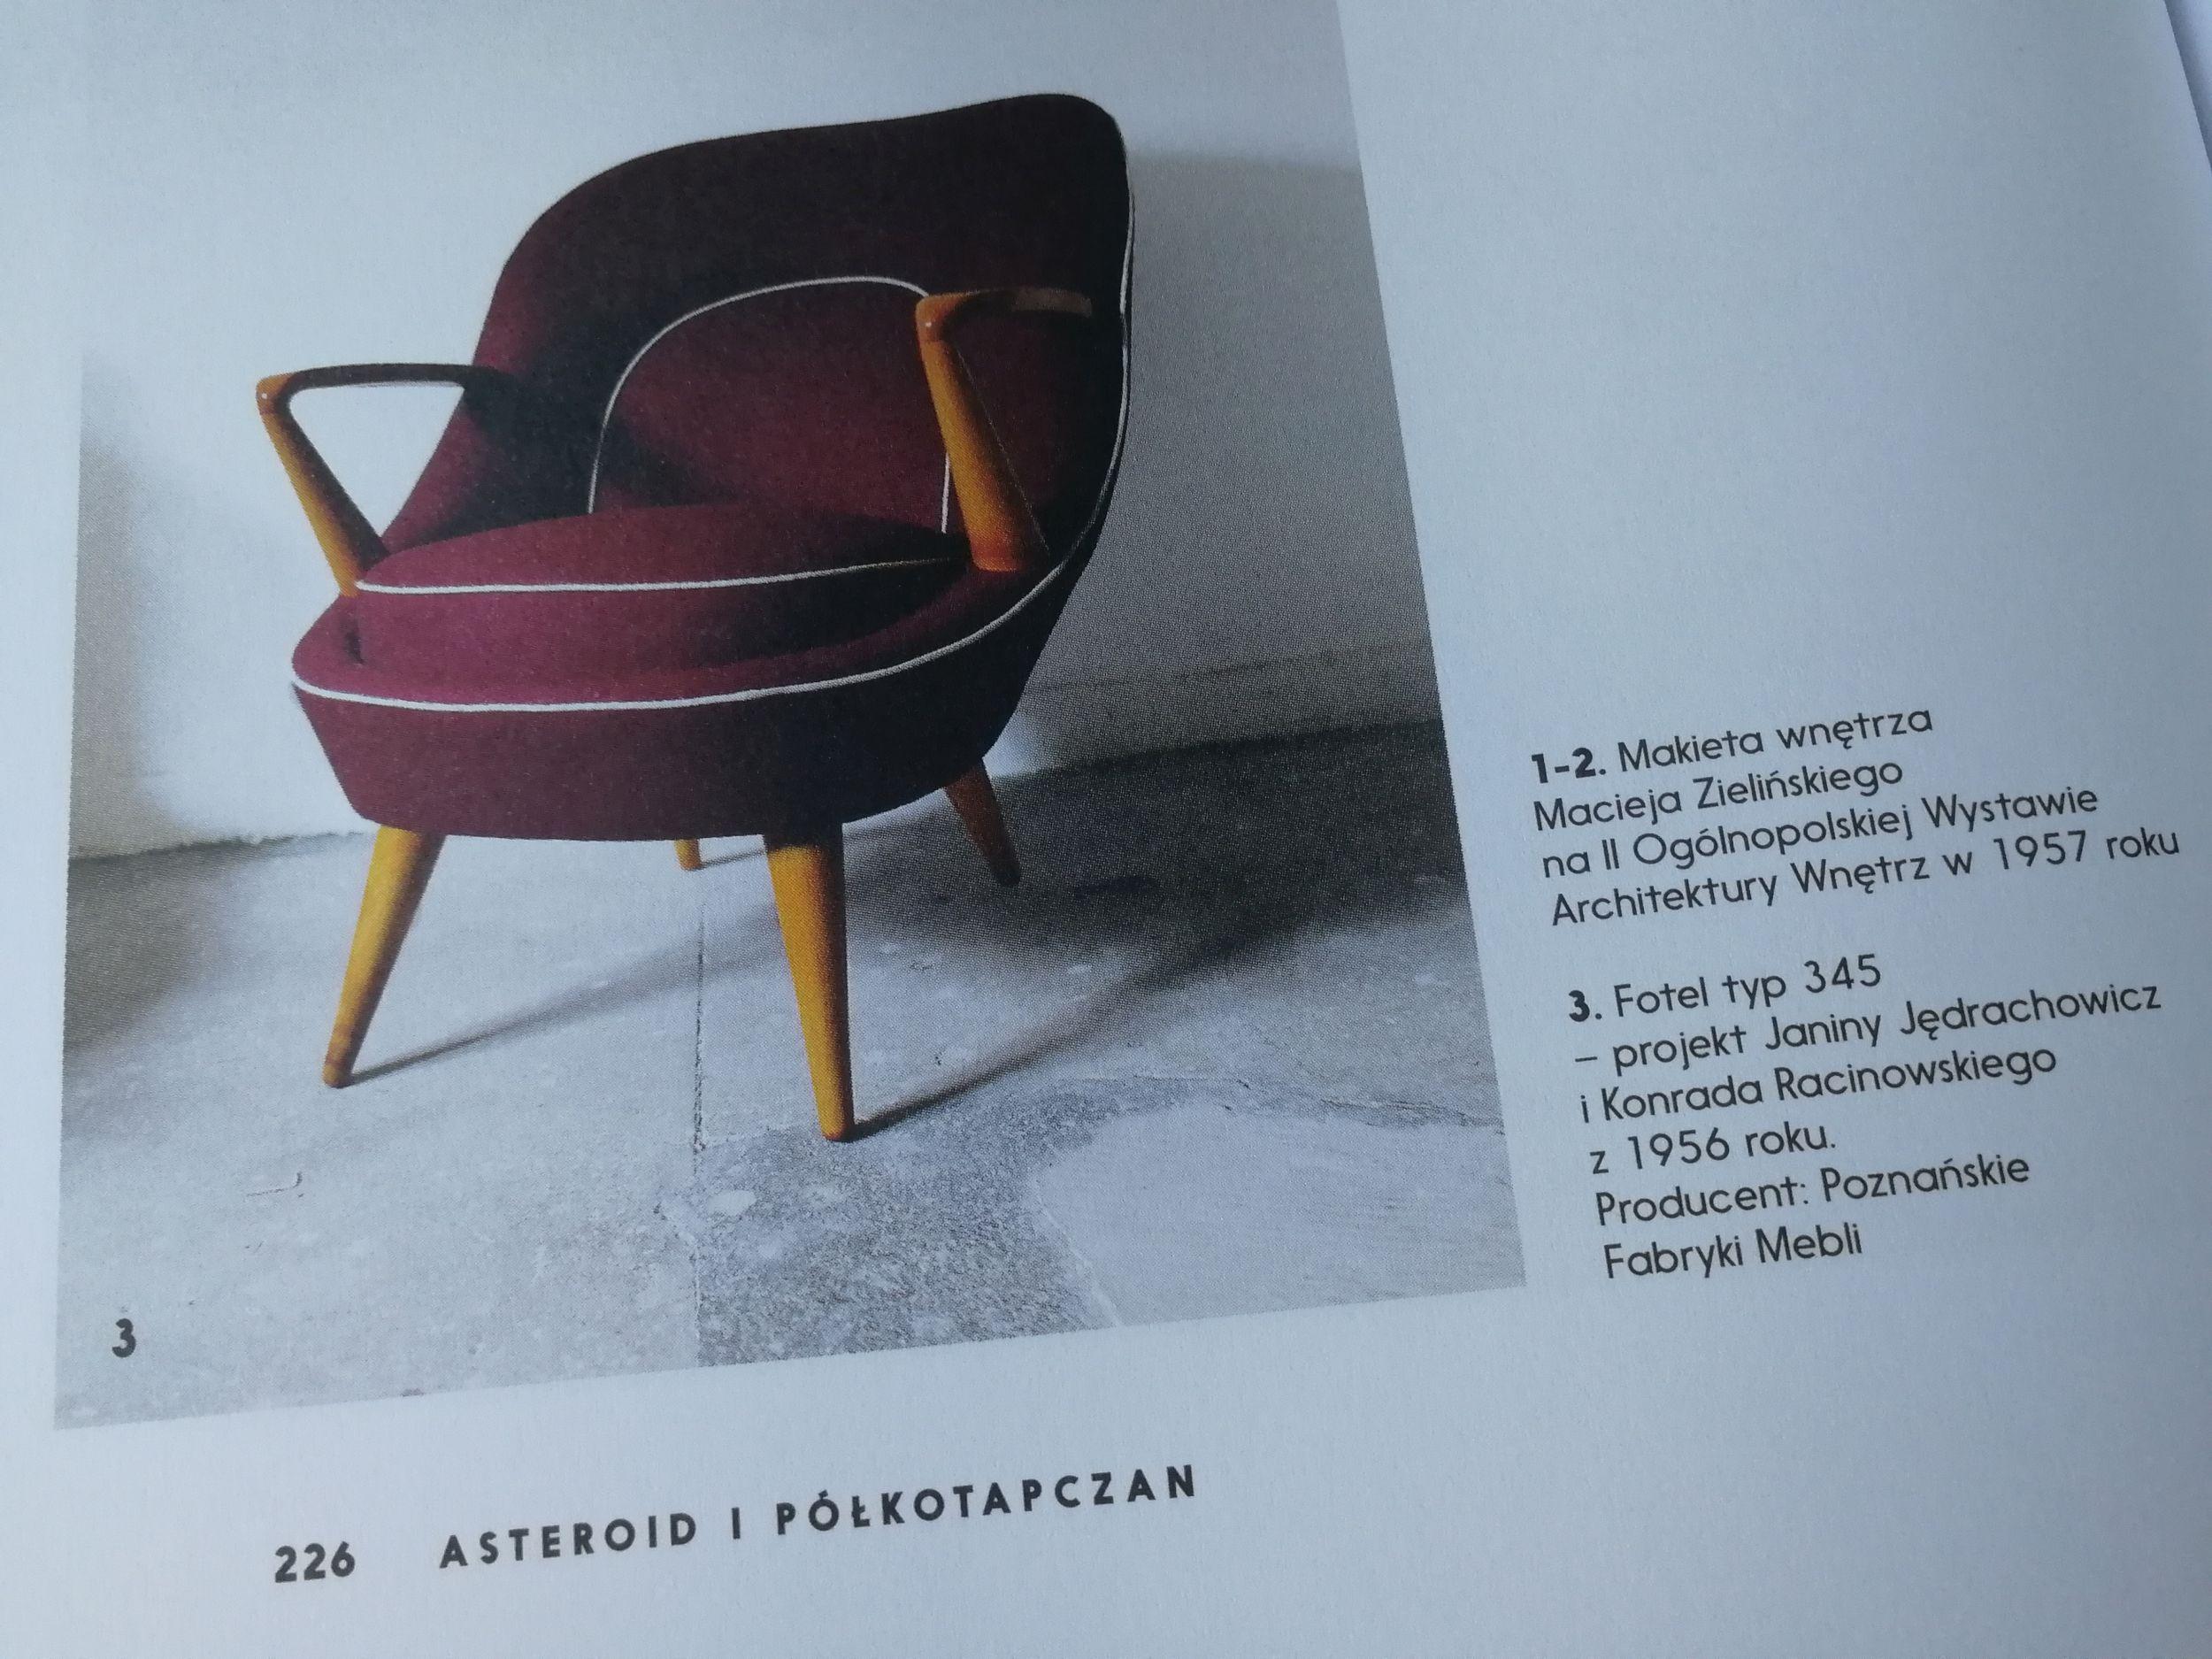 Taki fotel mógłby się i dziś podobać.